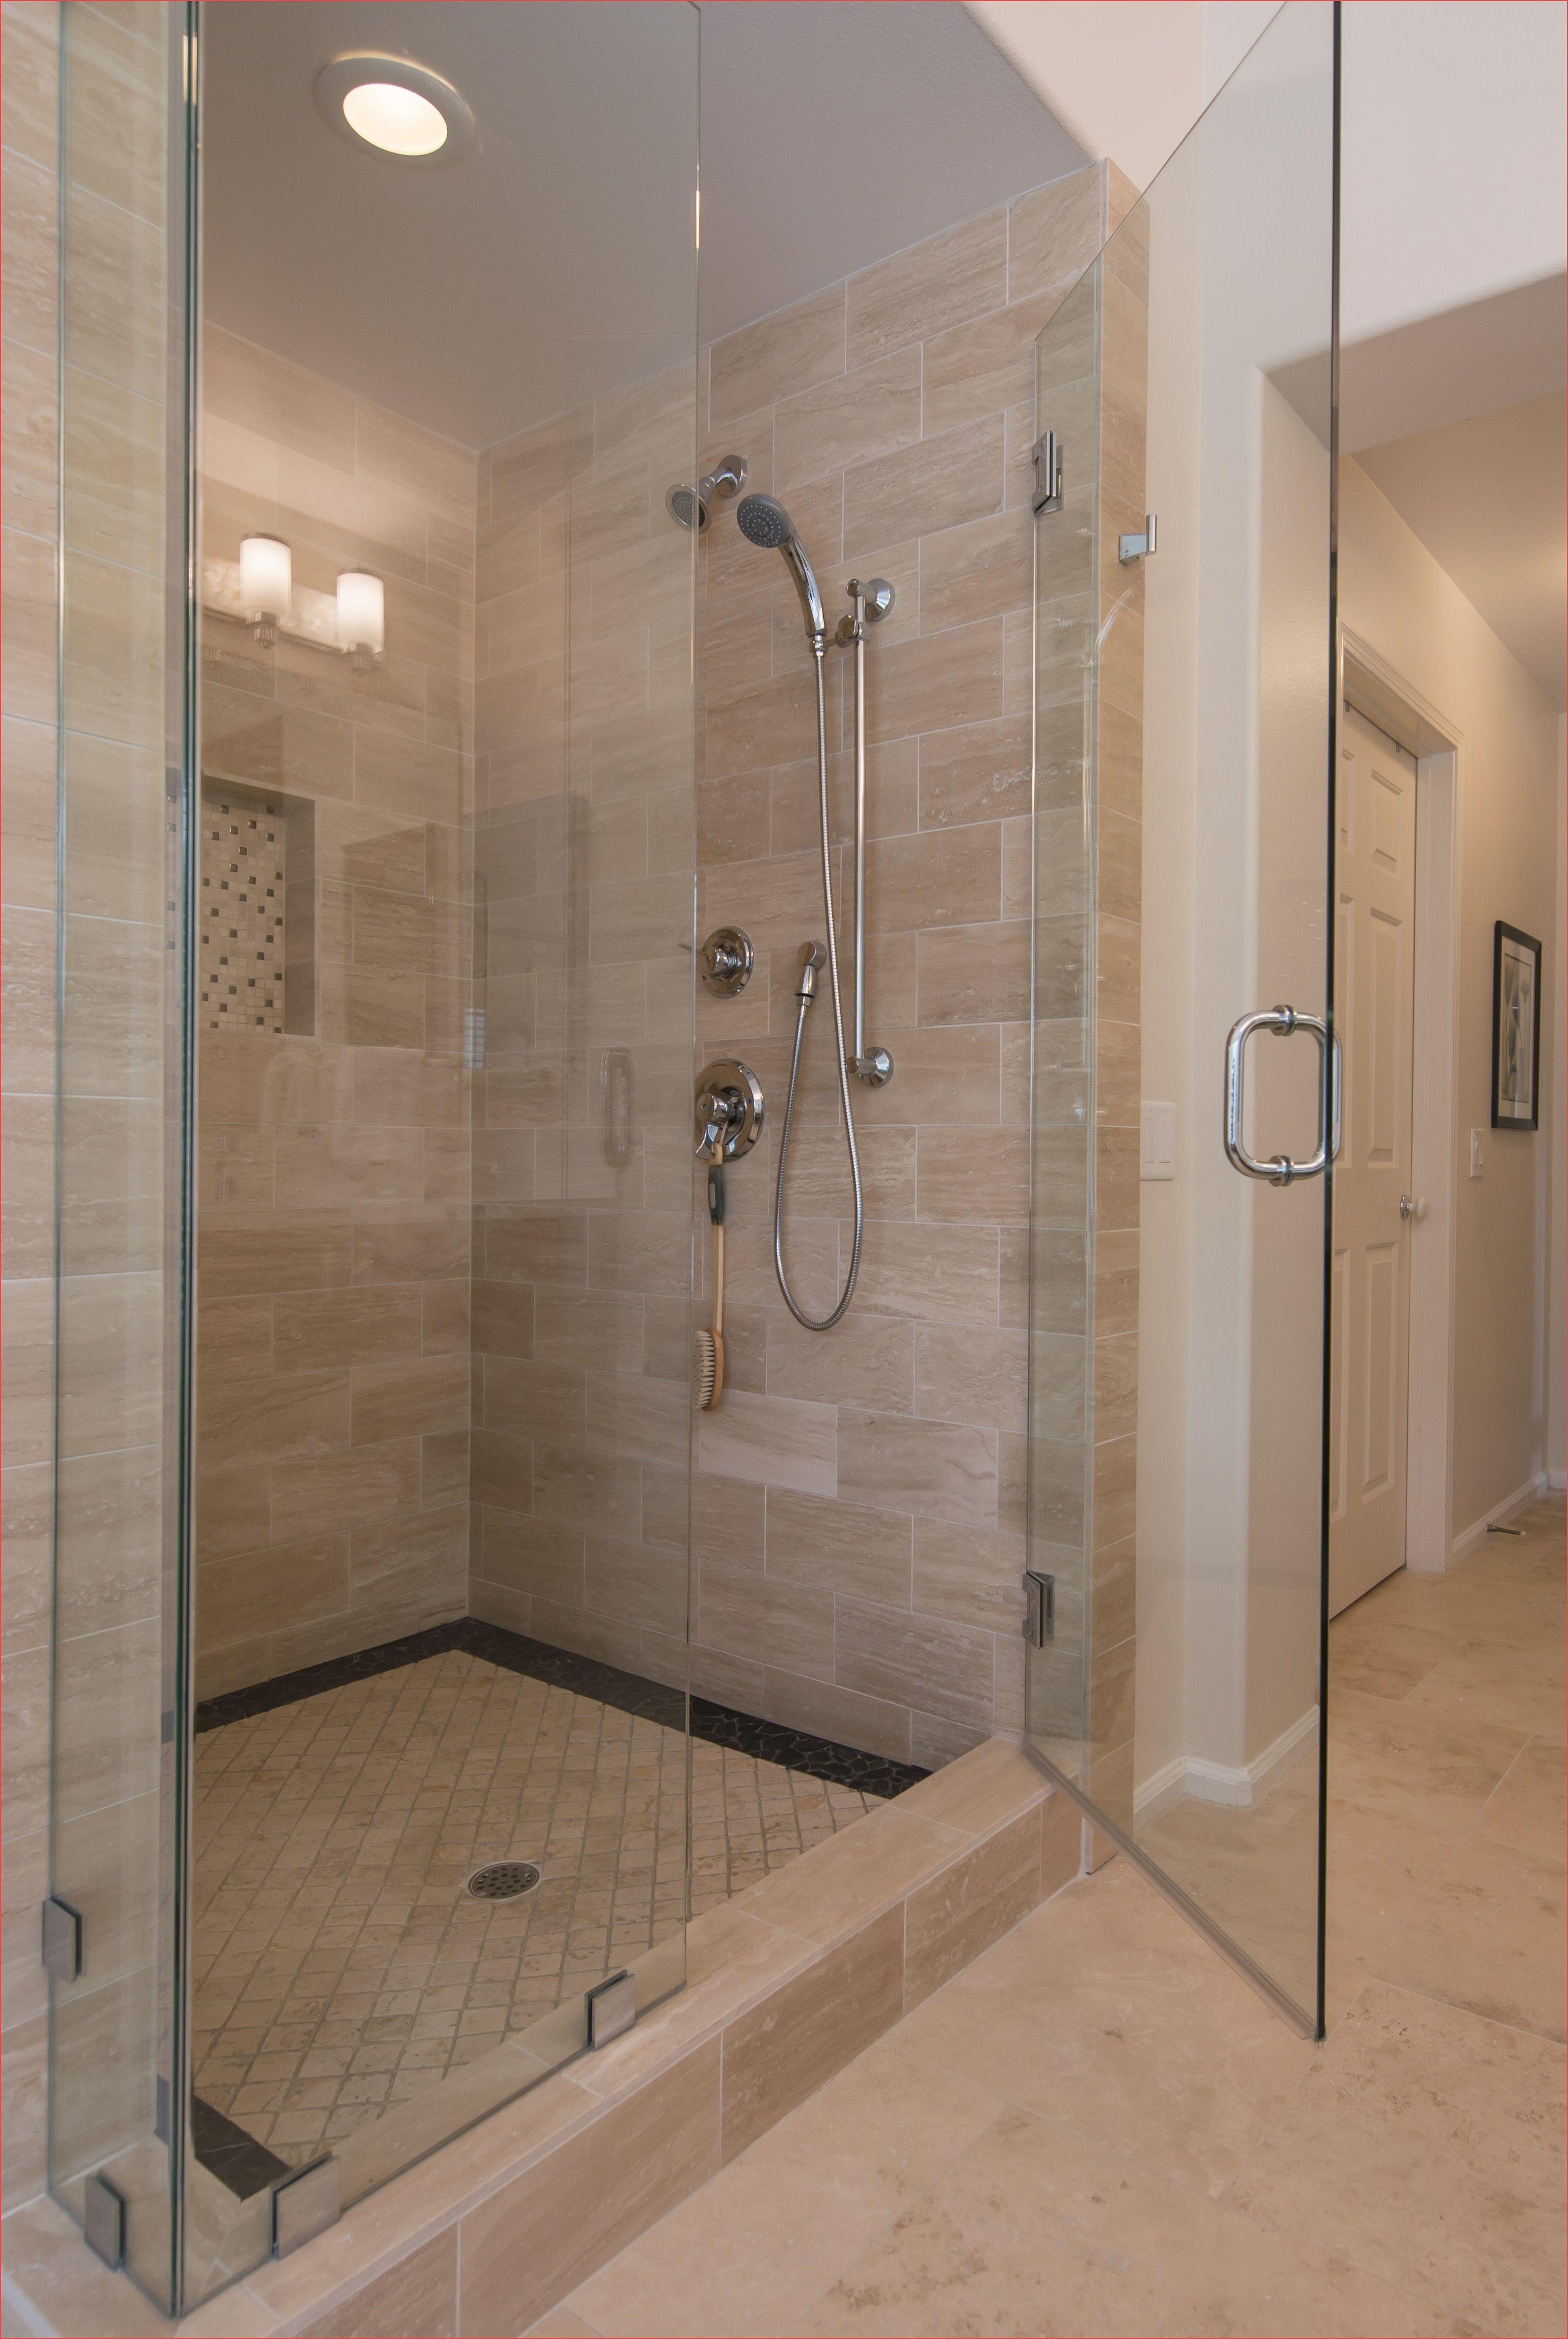 badezimmer dusche renovieren - apropos fliesen, wenn sie dabei sind